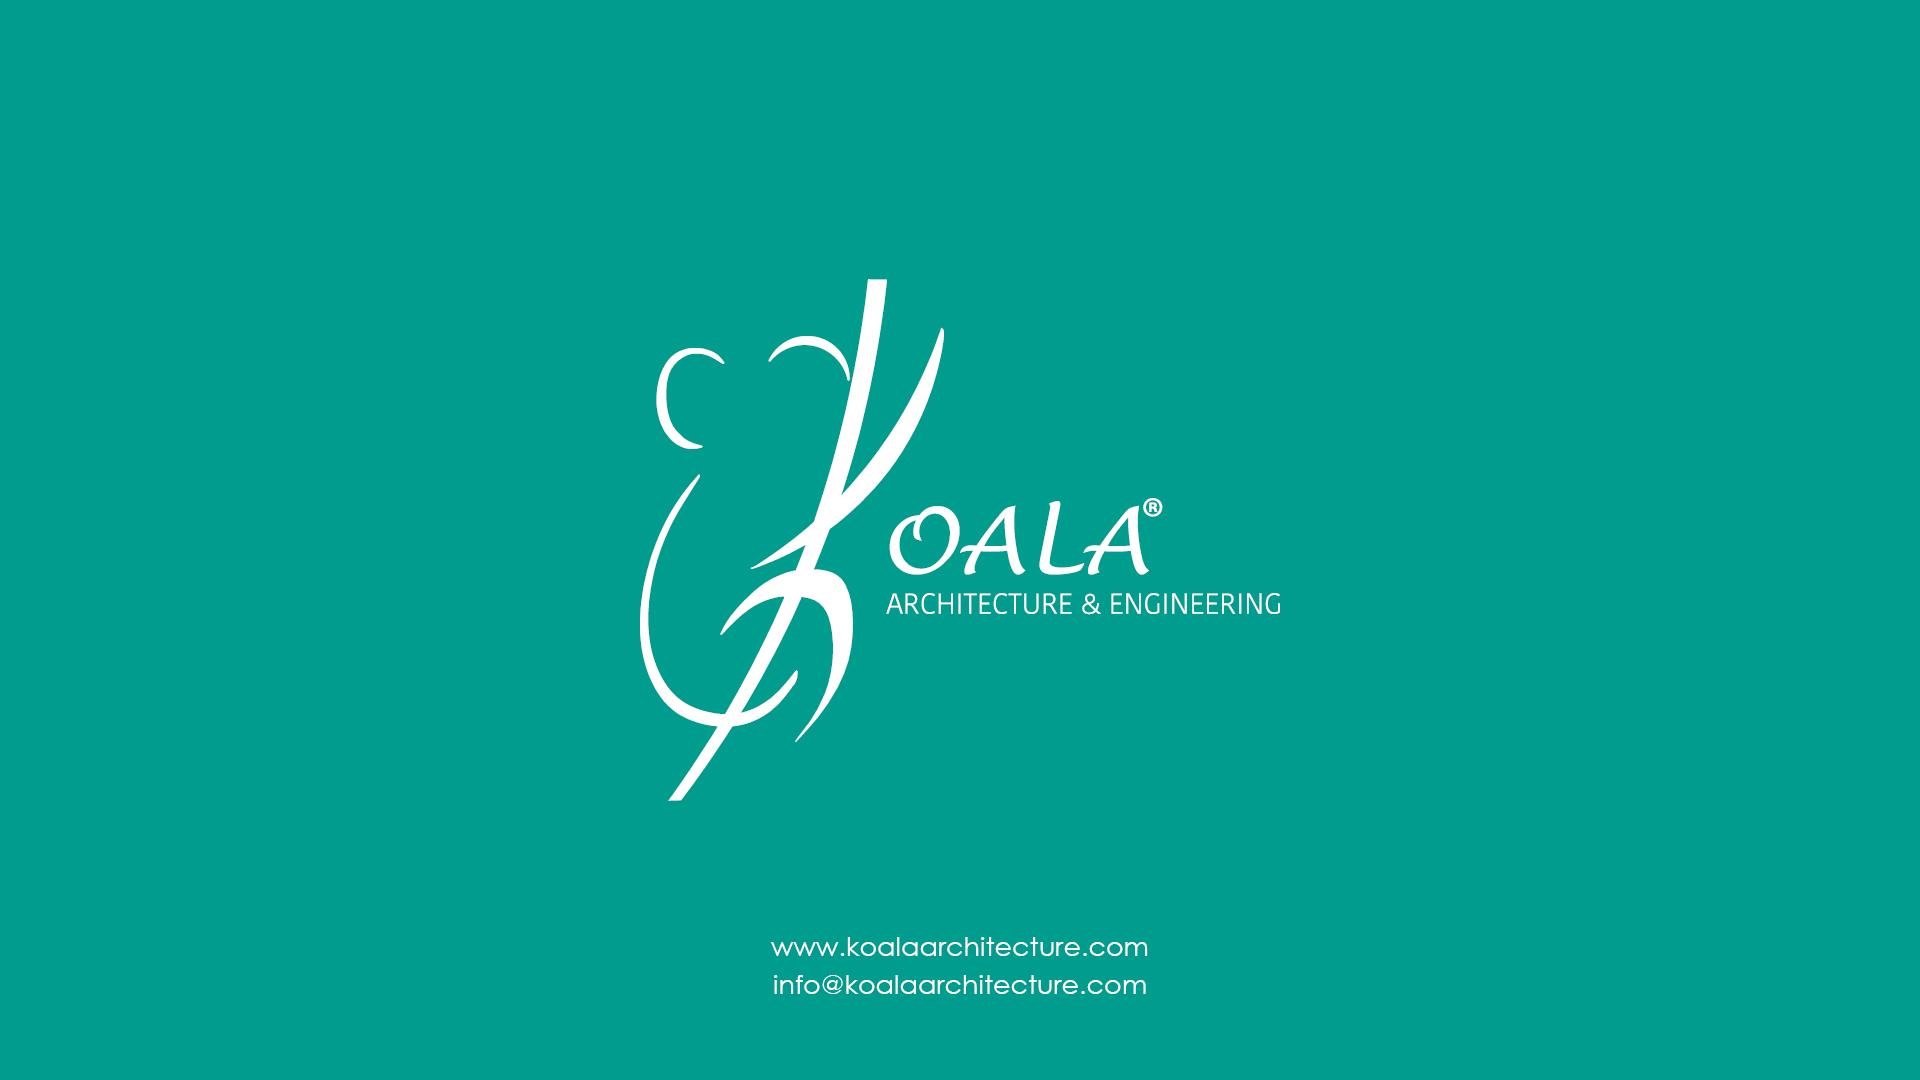 Koala_Dossier2019_1920x108029